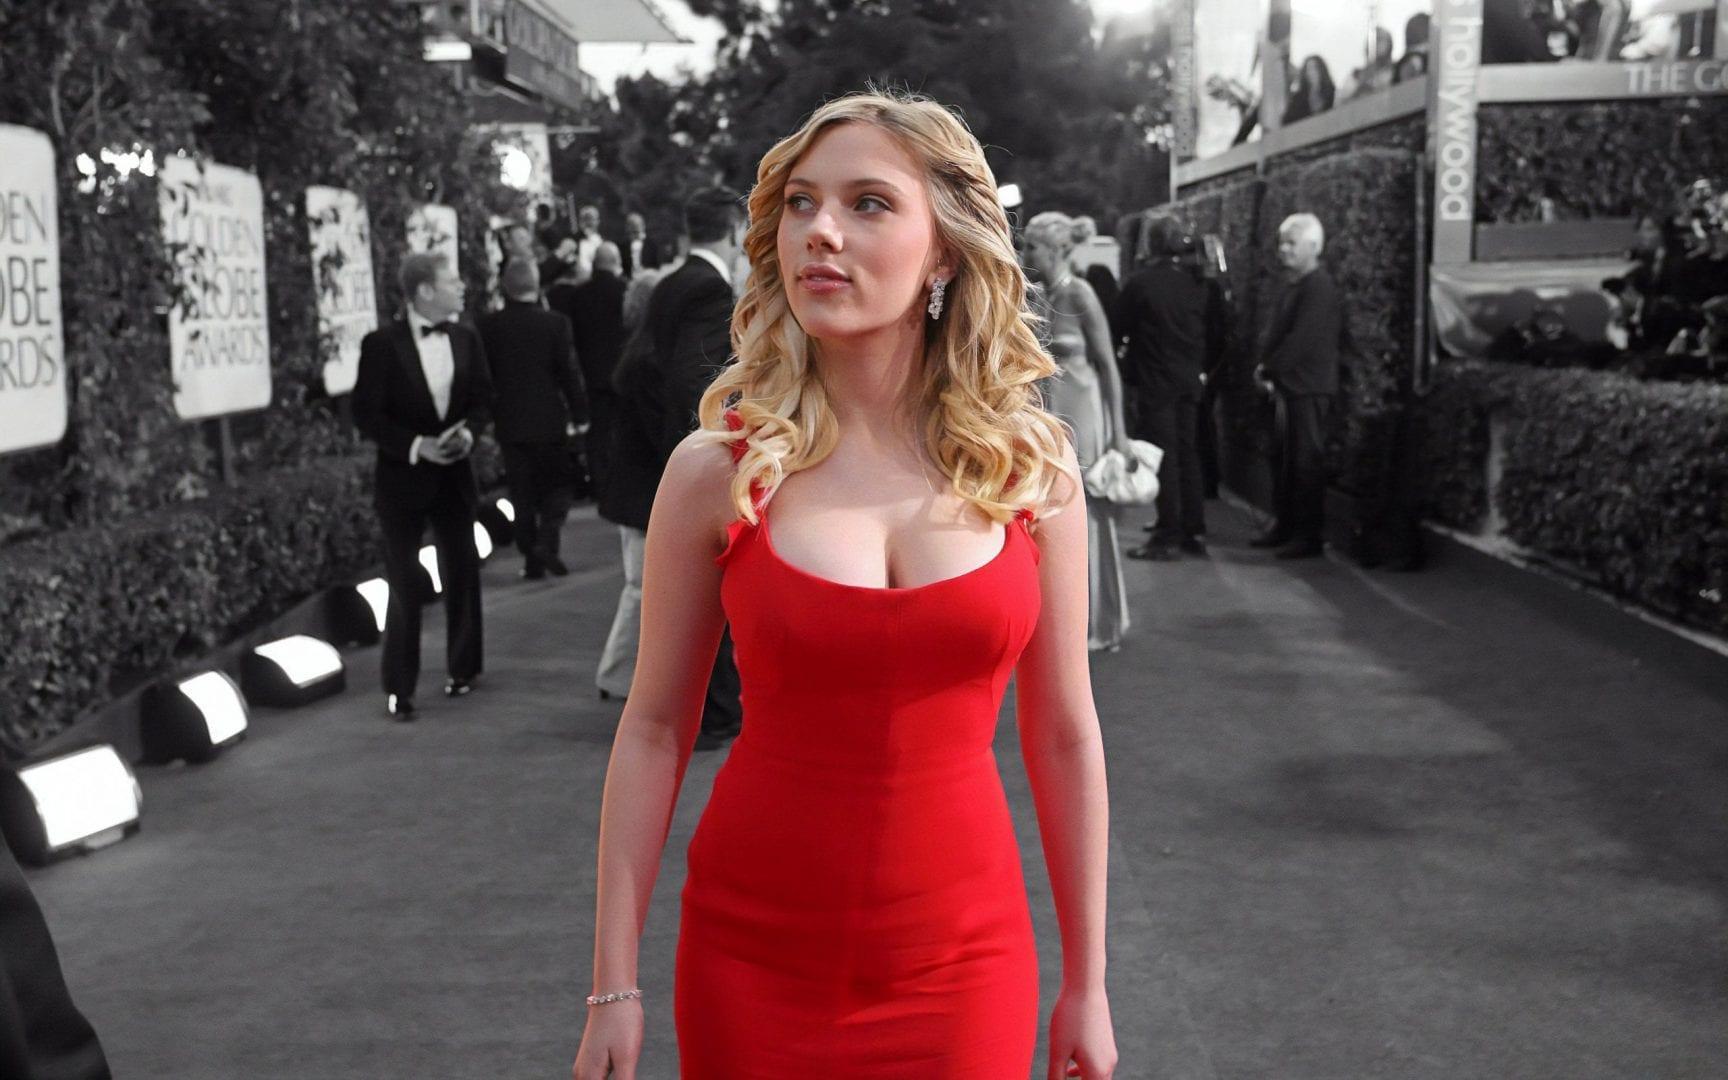 Vestidos vermelhos - Como e quando usar + vestidos de inspiração